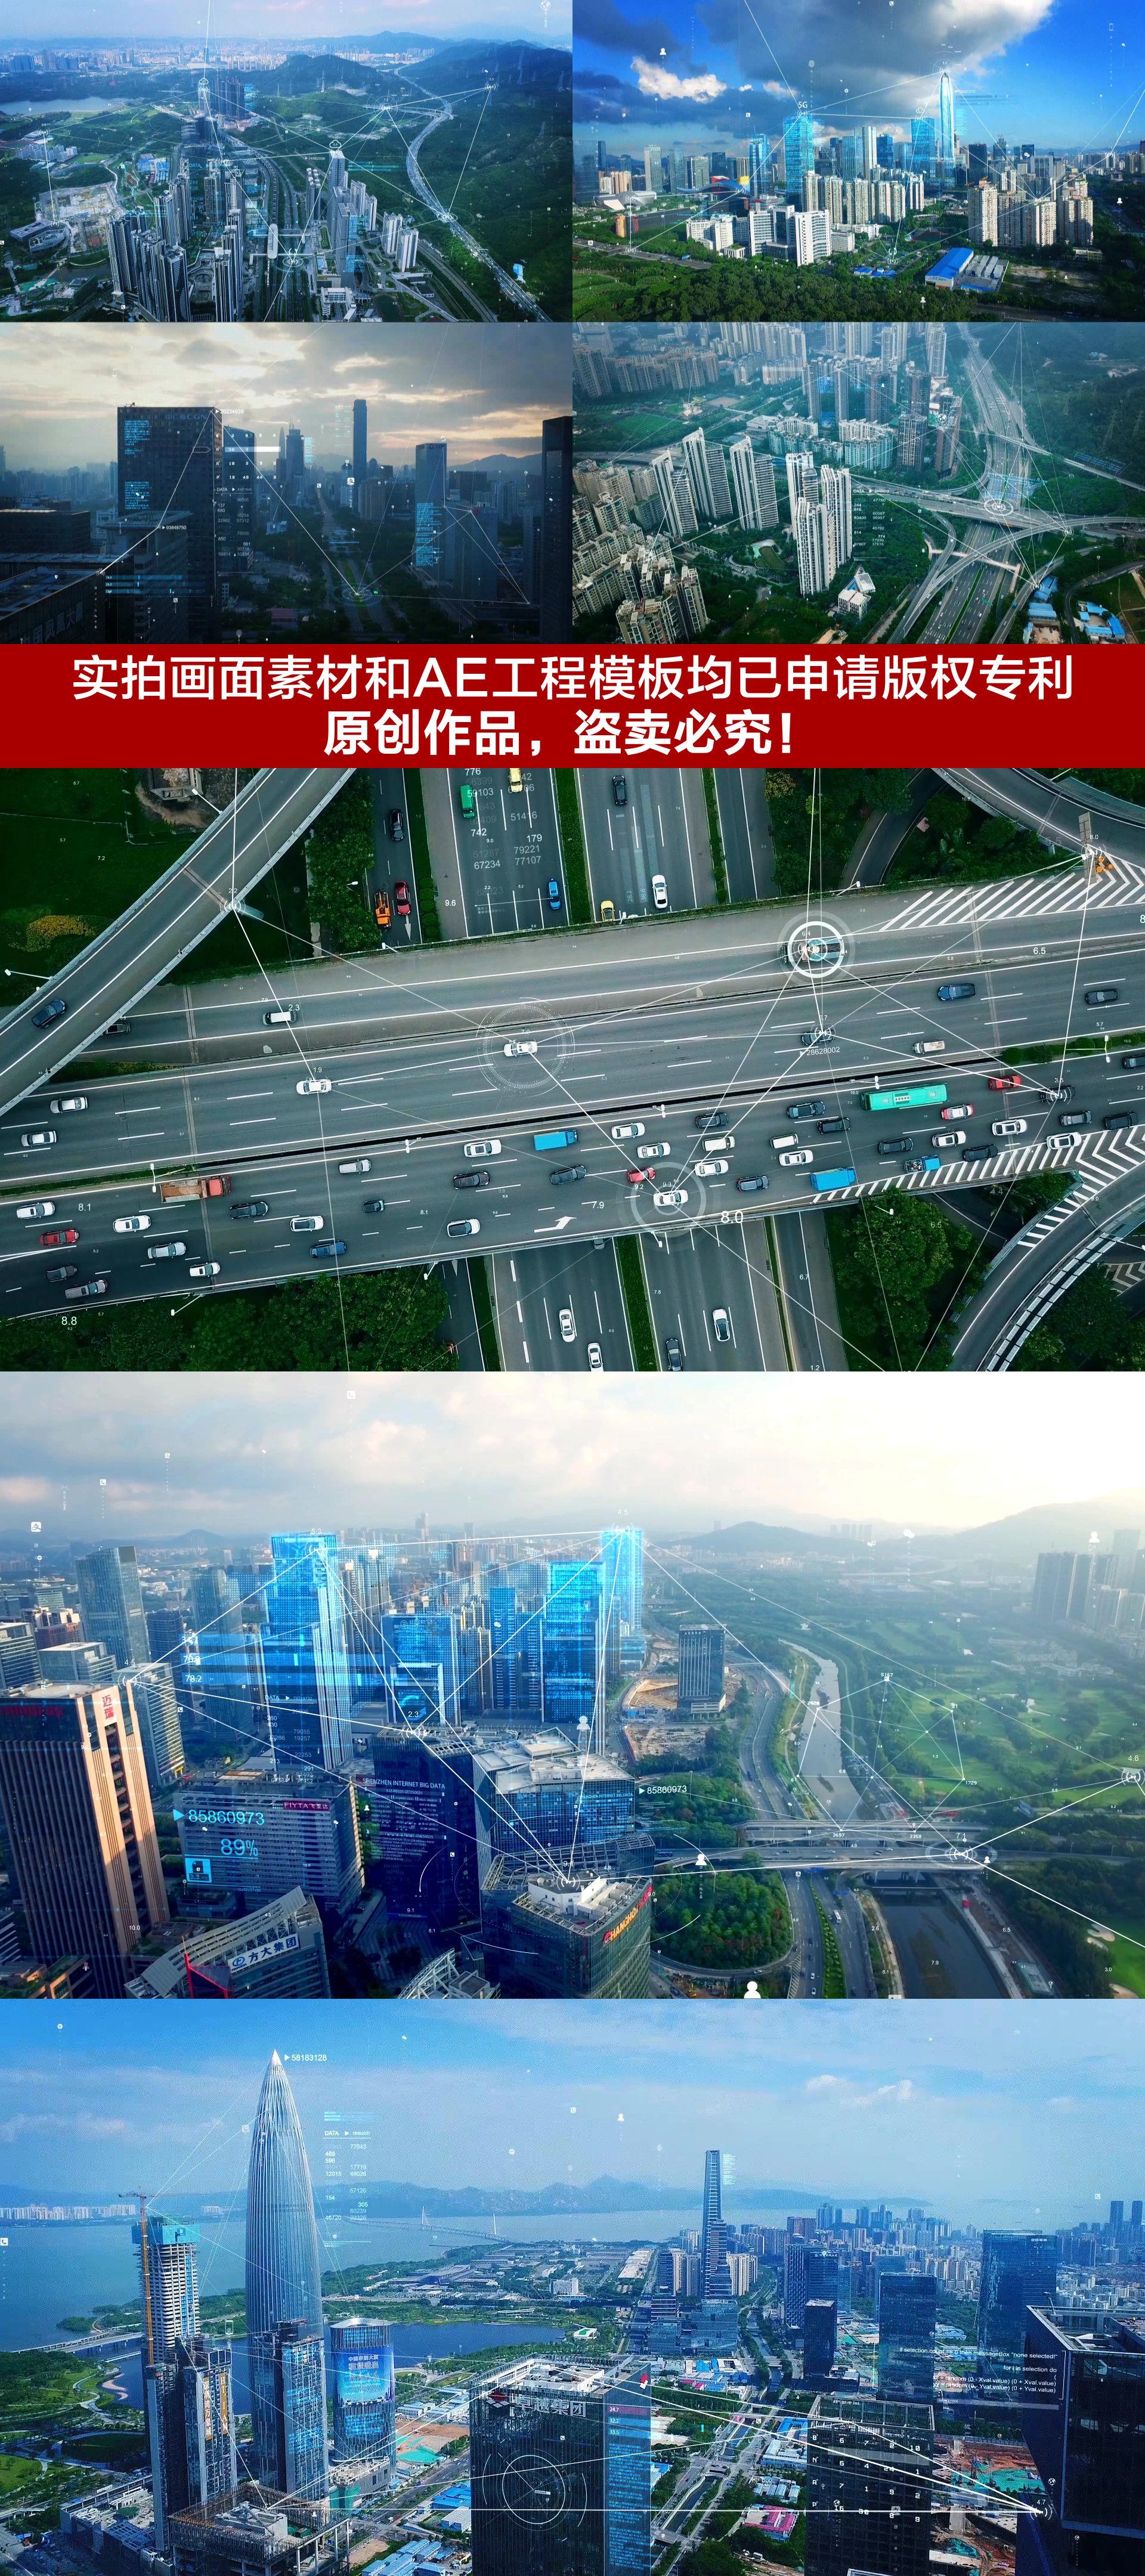 【原创】科技城市智慧交通